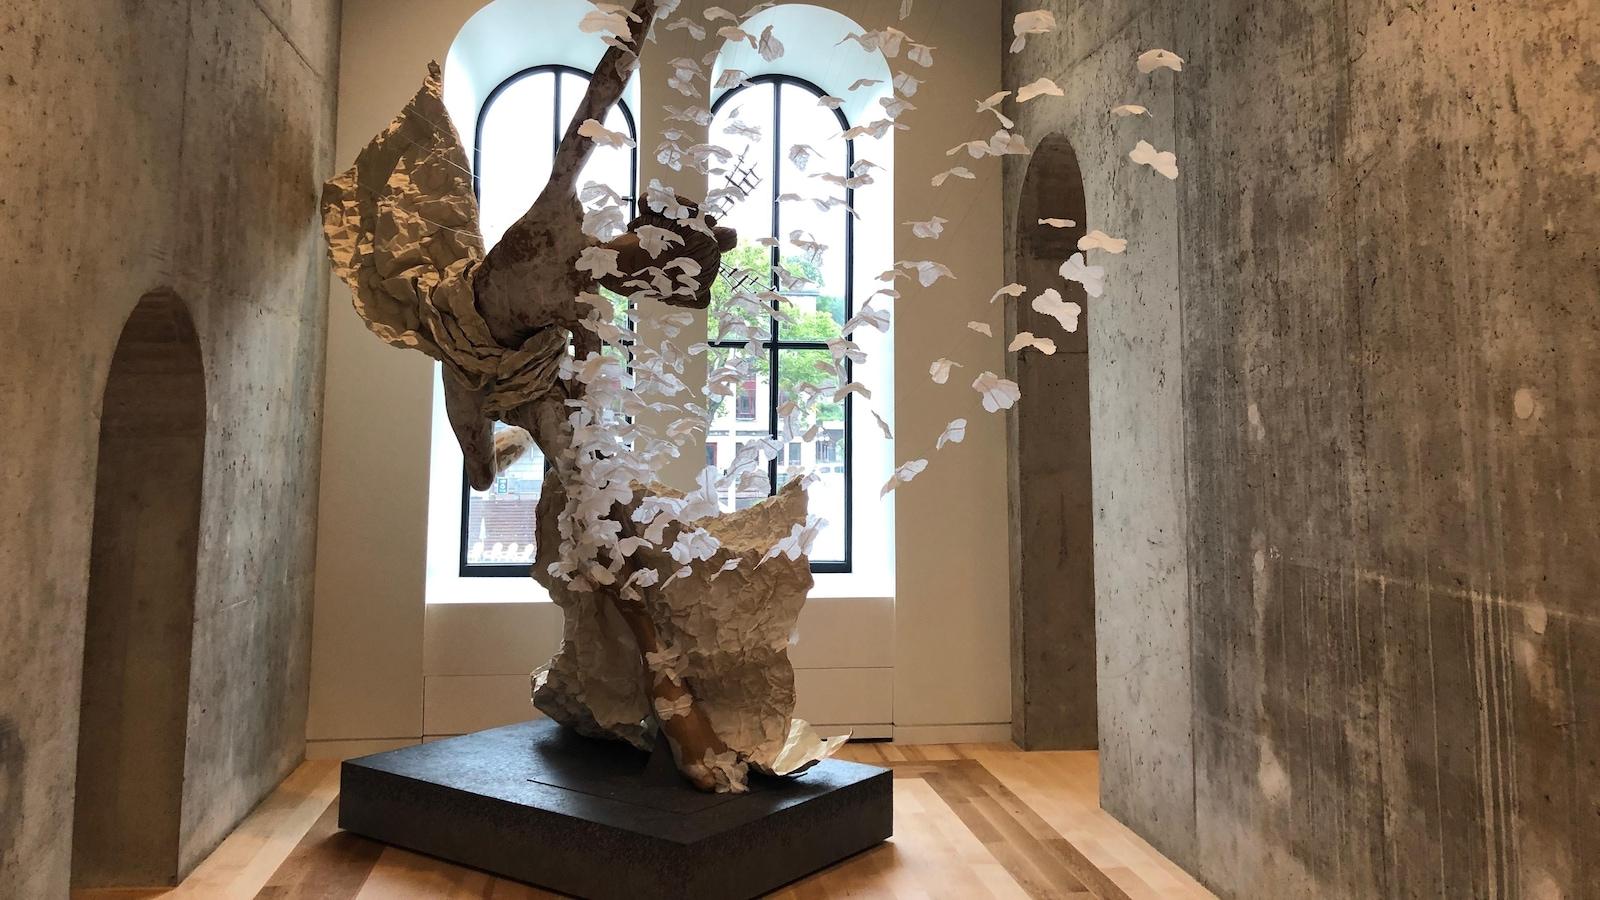 Une imposante sculpture à l'intérieur du Diamant en hommage à l'opéra Madame Butterfly de Puccini.